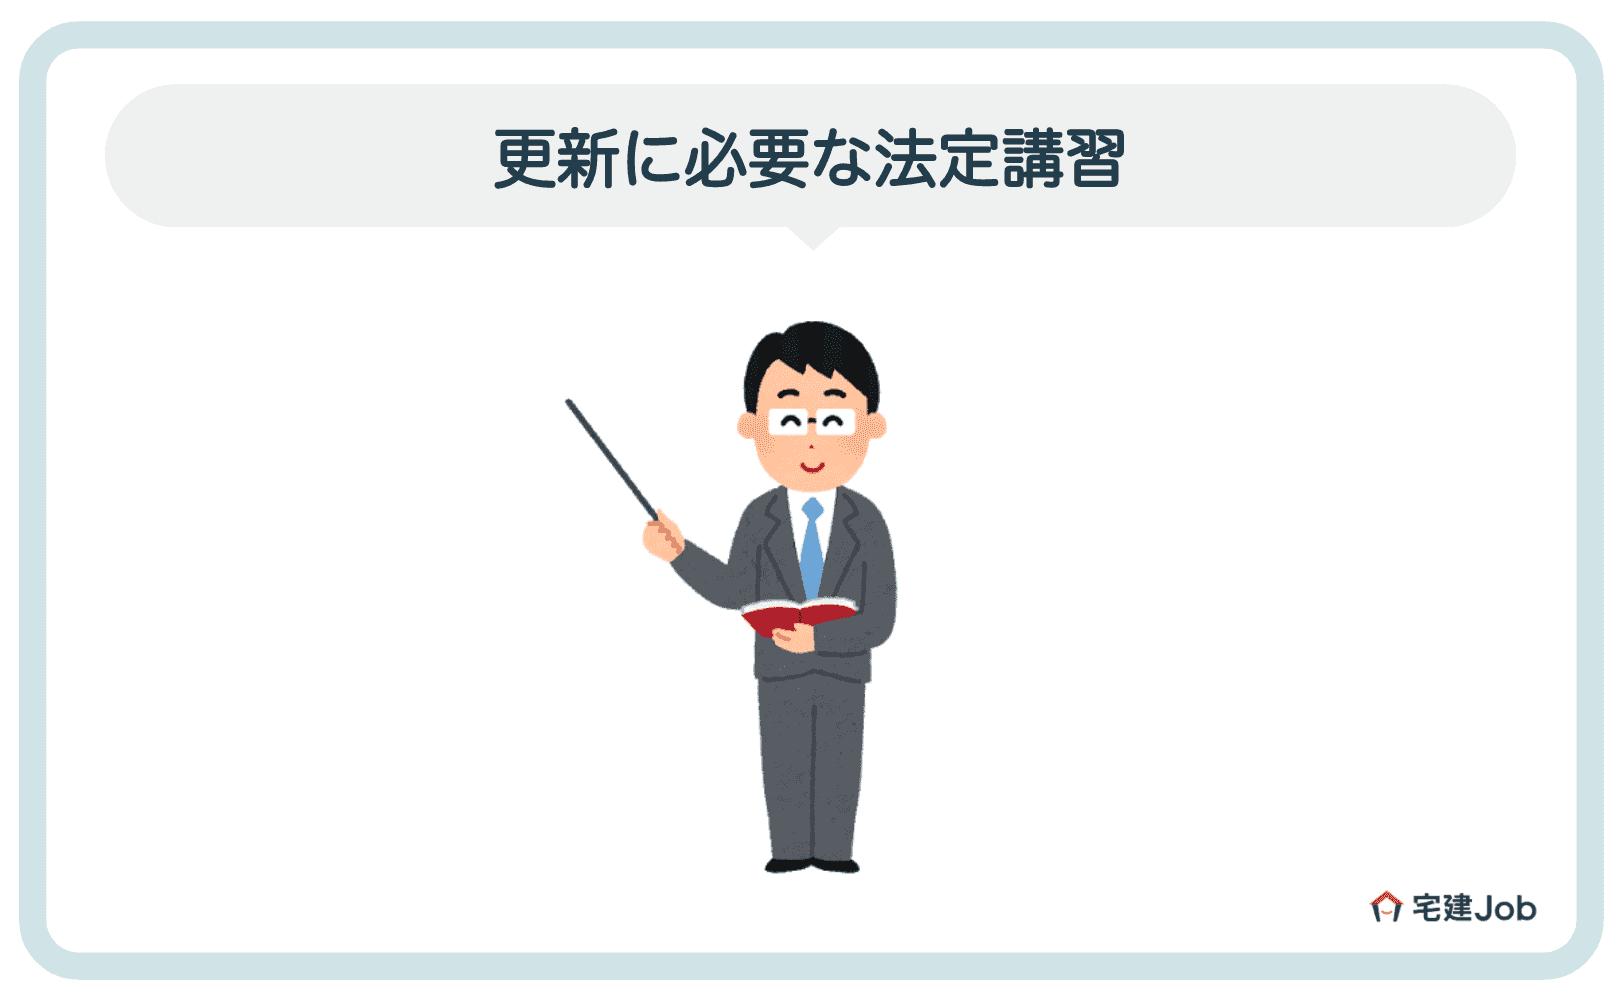 2.マンション管理士の登録・更新に必要な「法定講習」とは